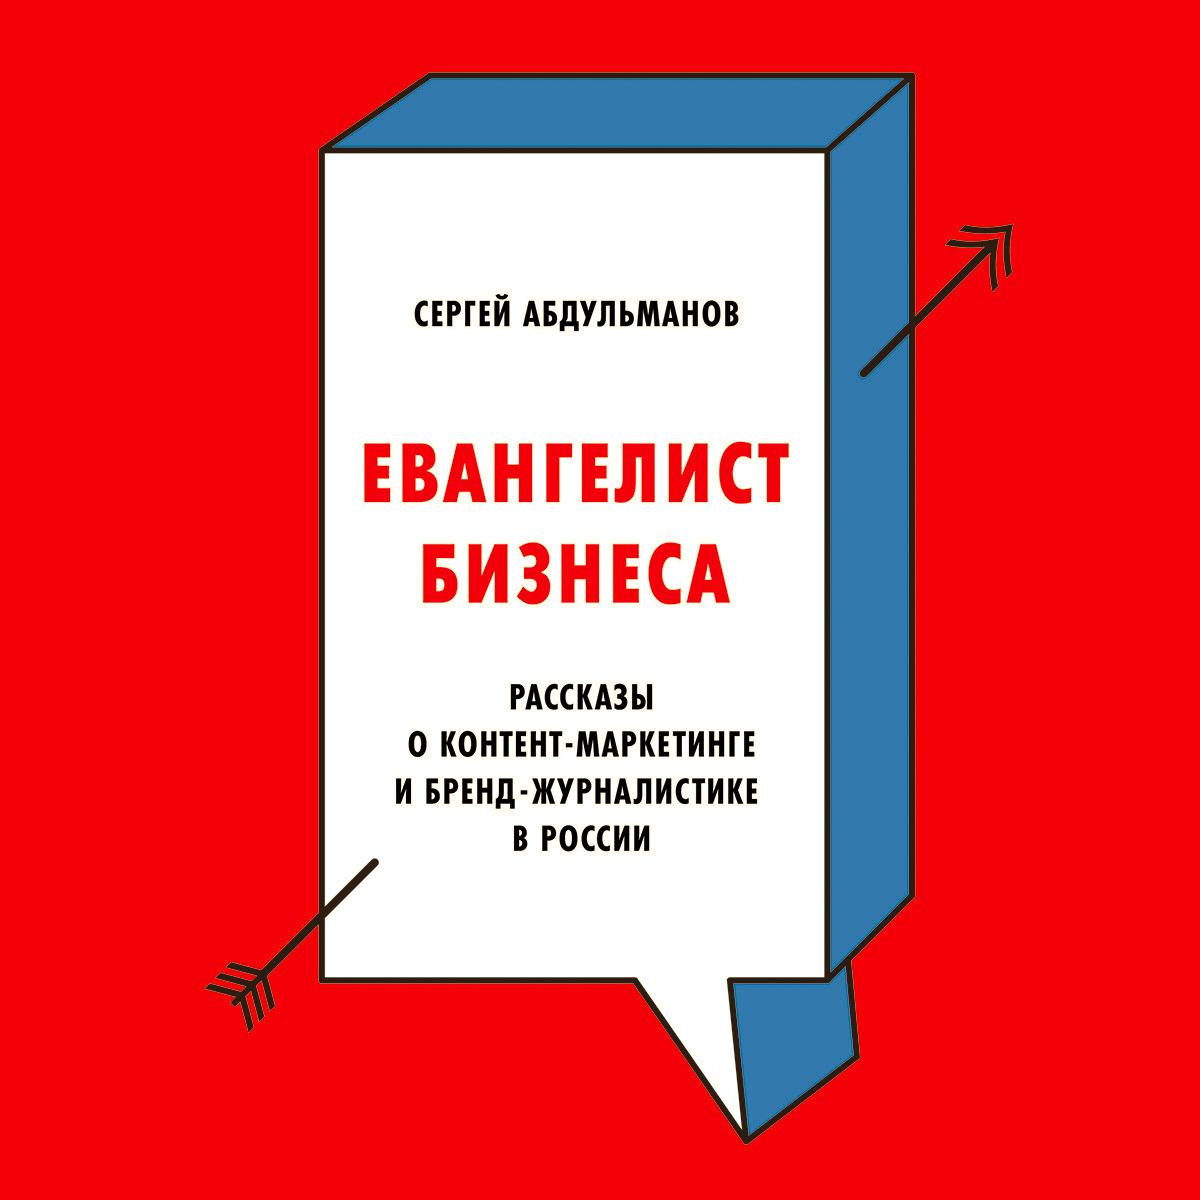 Сергей Абдульманов Евангелист бизнеса сергей абдульманов дмитрий кибкало бизнес на свои